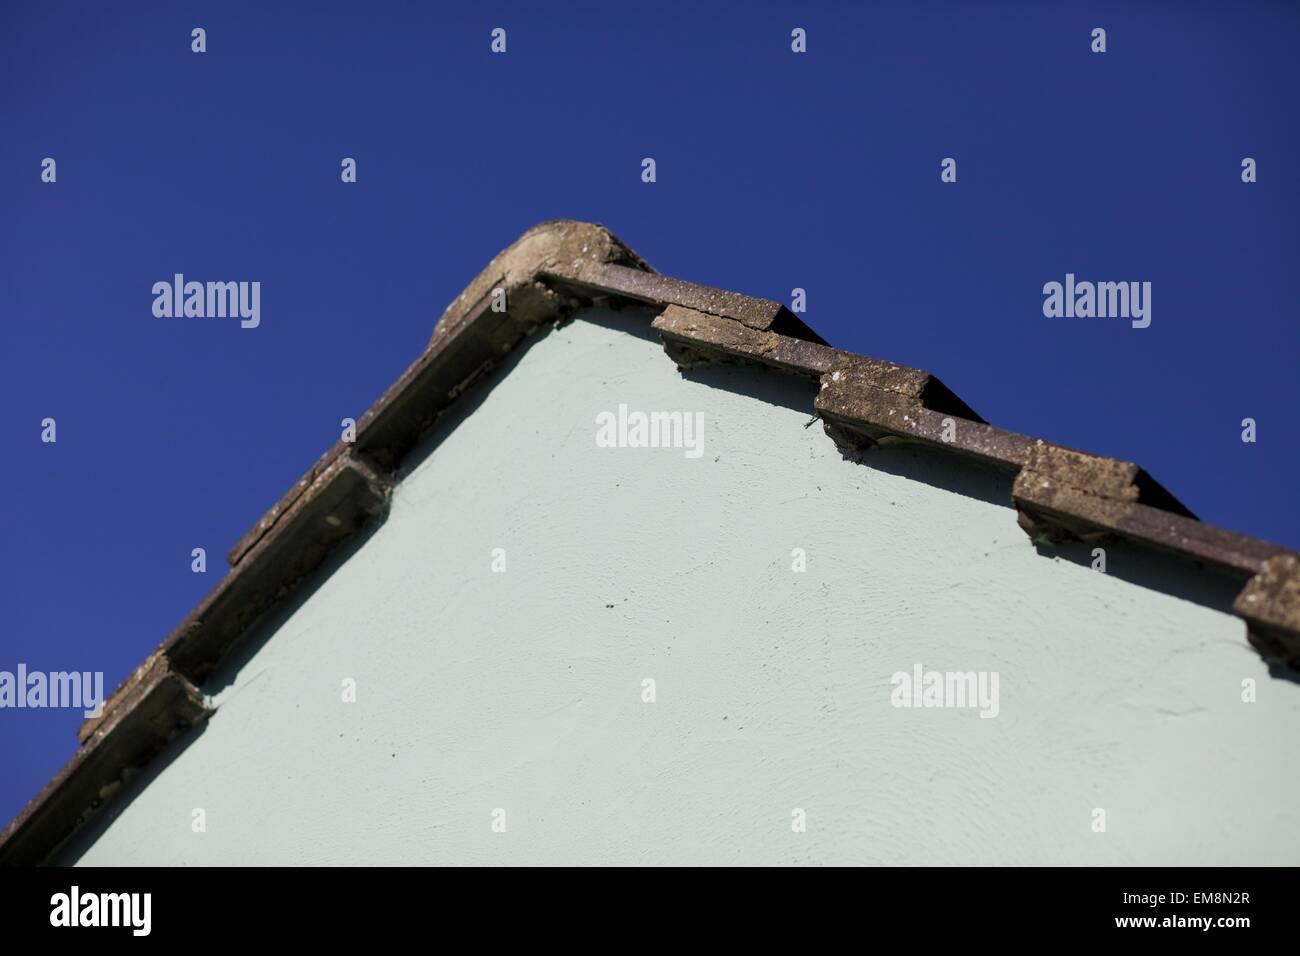 Spitze eines modernen Hauses Builds vor einem blauen Himmel in der Sonne Stockbild